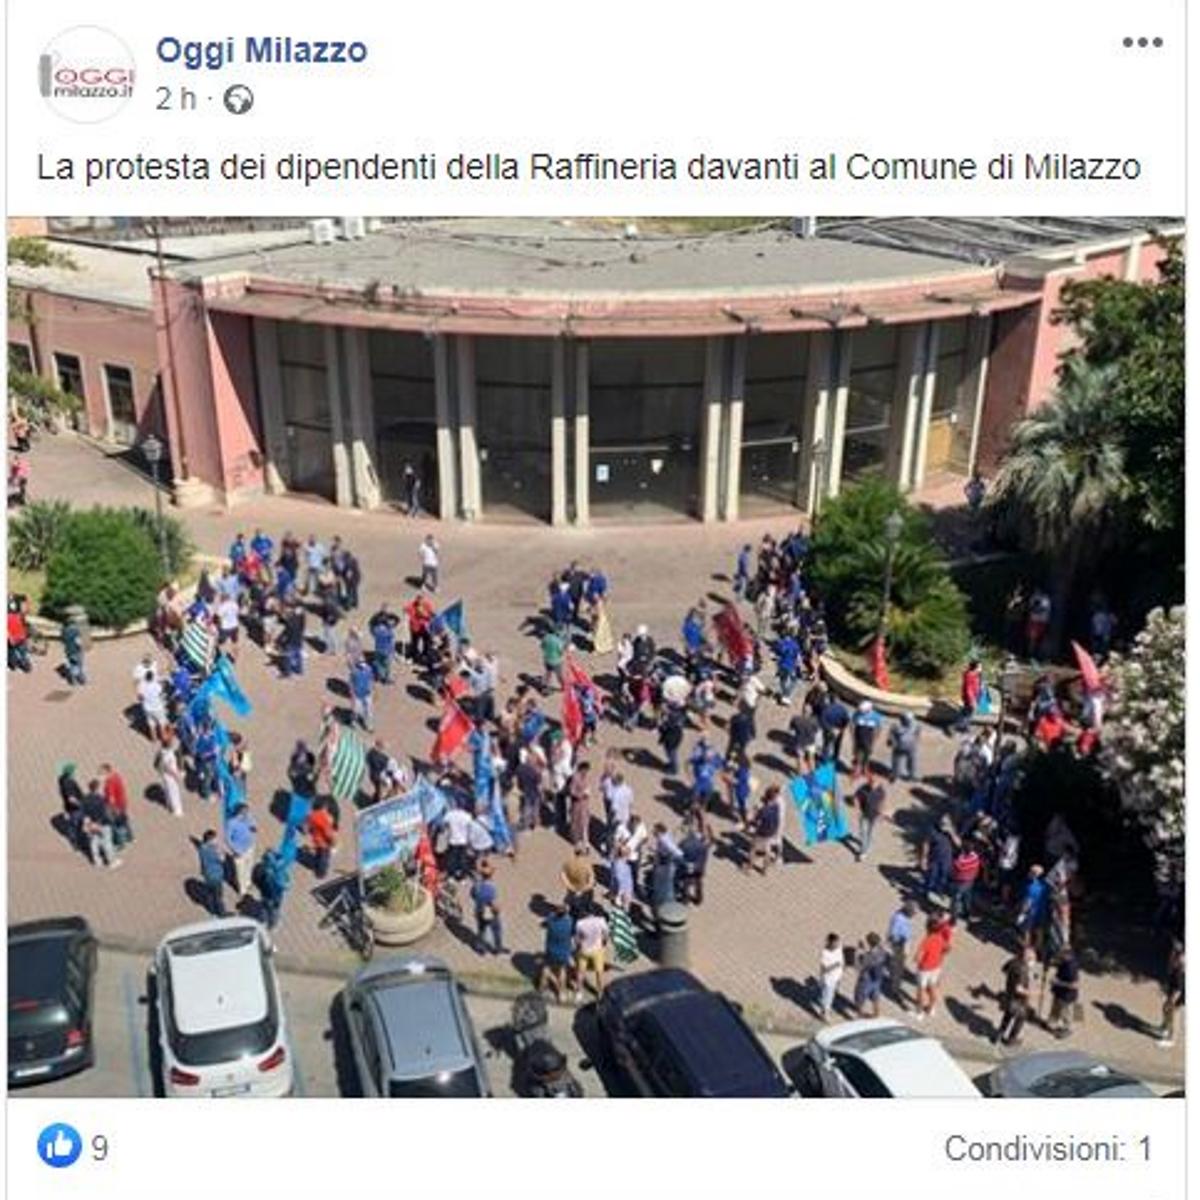 screenshot oggimilazzo foto manifestazione ram ritagliata